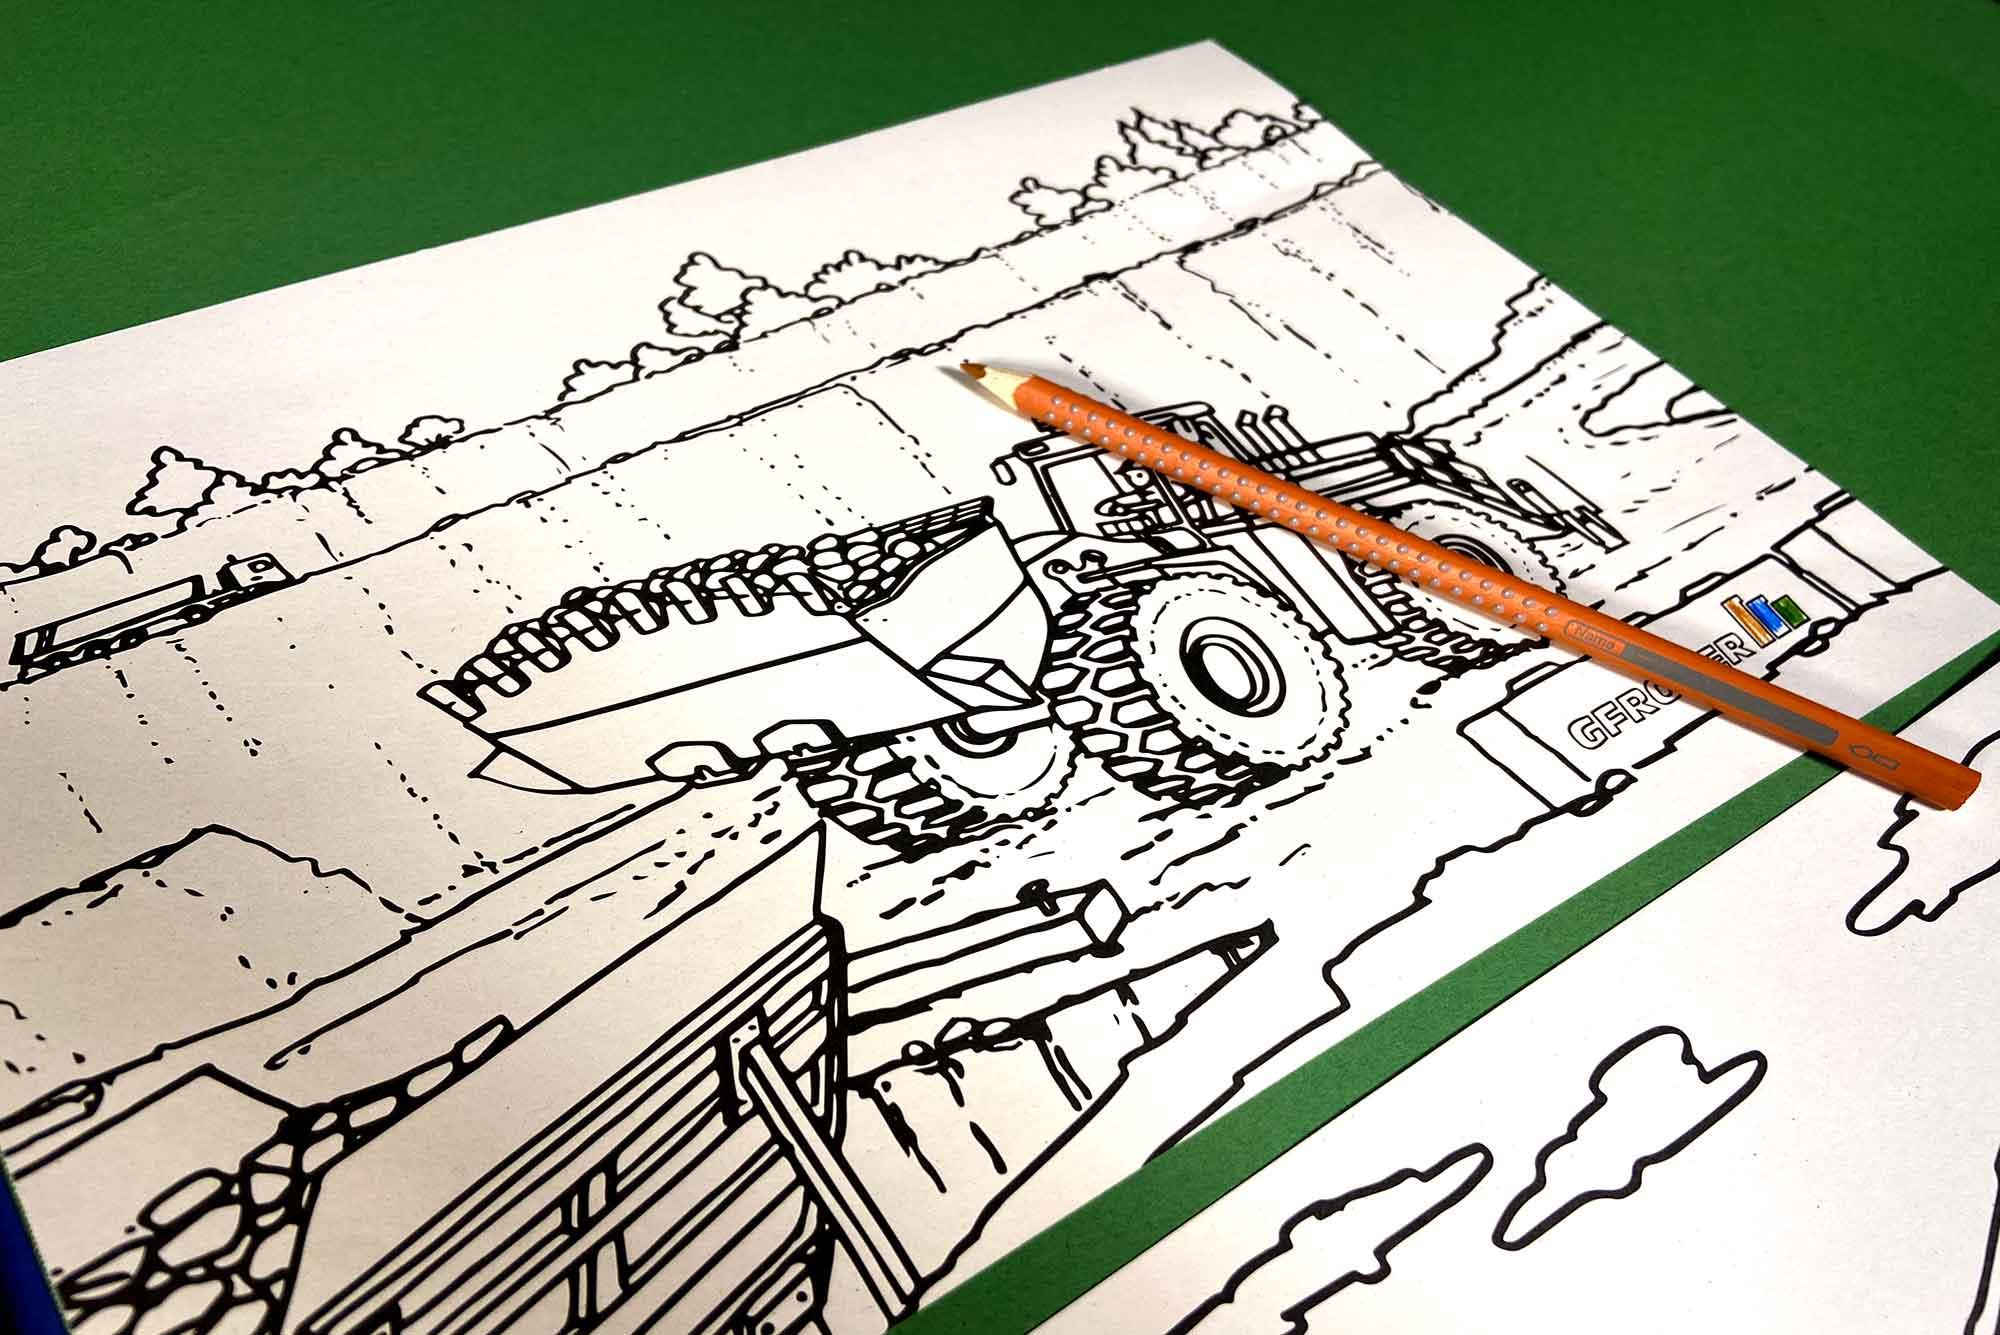 """GESTALTE DEINE EIGENE BAUSTELLE. Individuelle Illustrationen, vervollständigen ein einzigartiges Malbuch abgestimmt auf die alltäglichen Arbeiten der Firma Gfrörer. Nicht nur für die """"Kleinen"""" ein voller Spaß."""